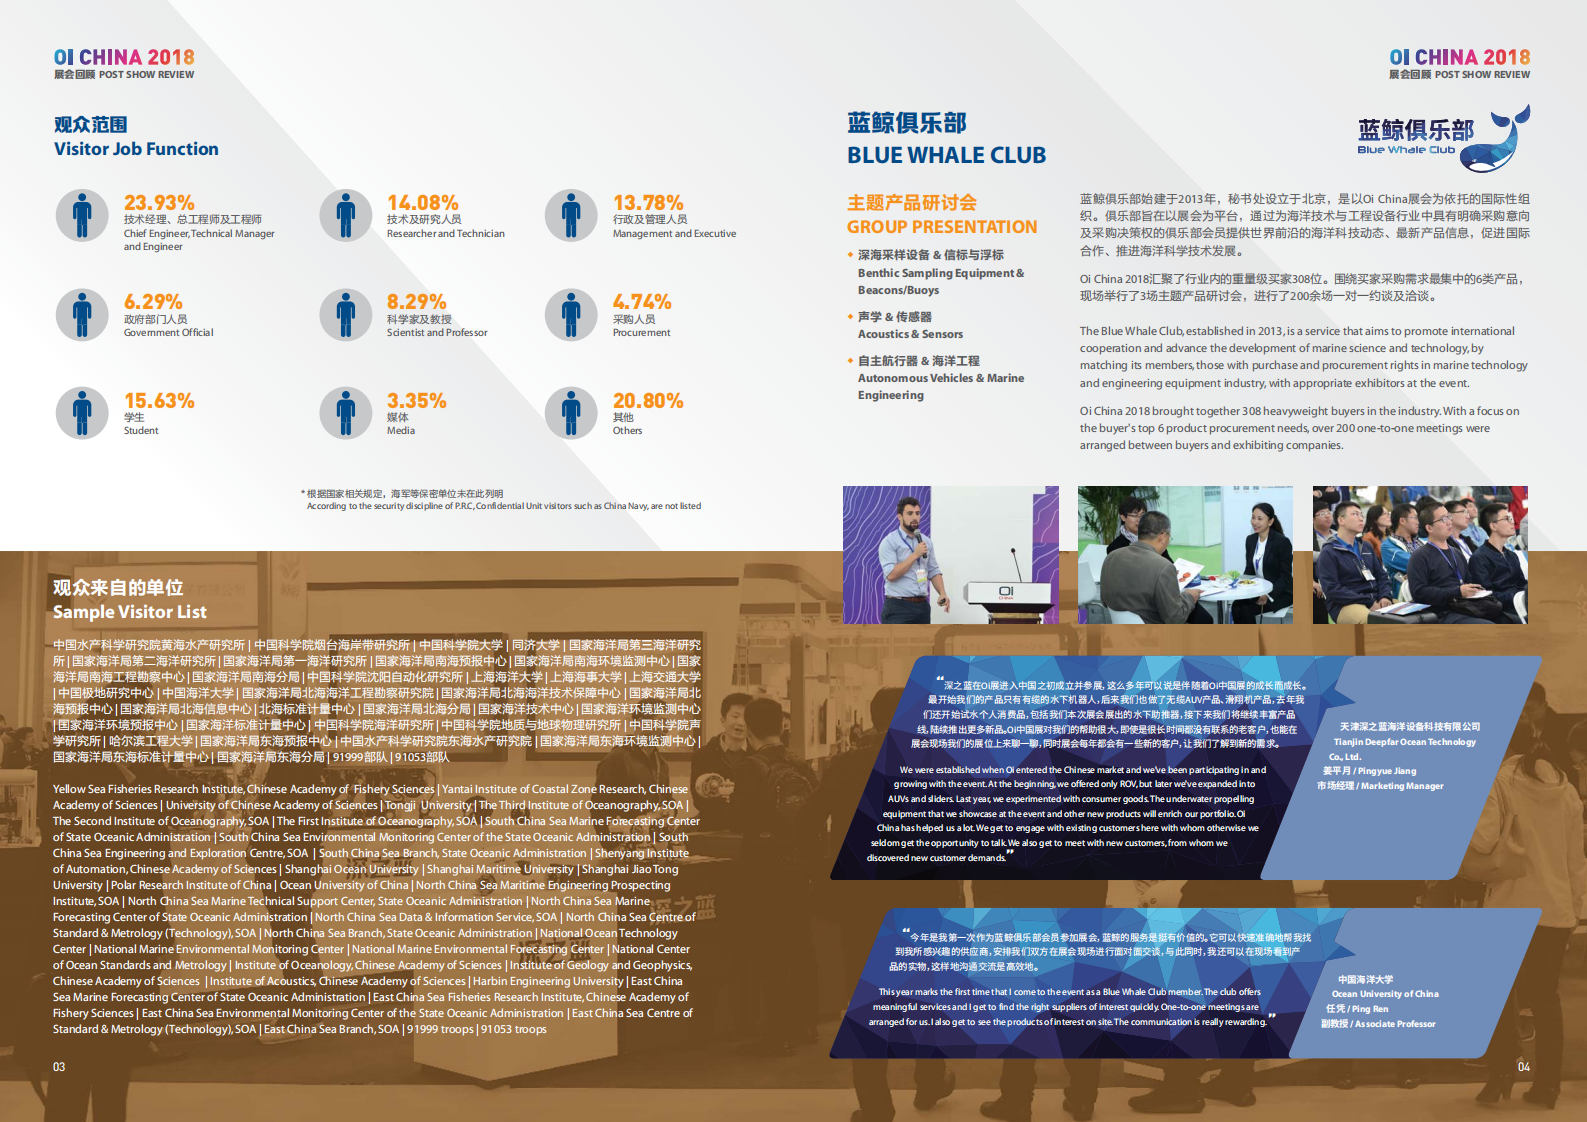 上海國際海洋技術與工程設備展覽會Oi CHINA